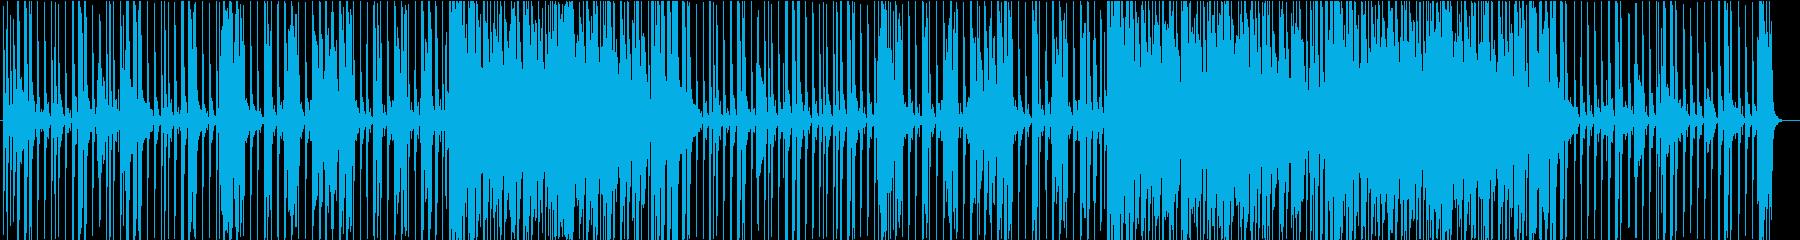 爽やかなエレピポップの再生済みの波形